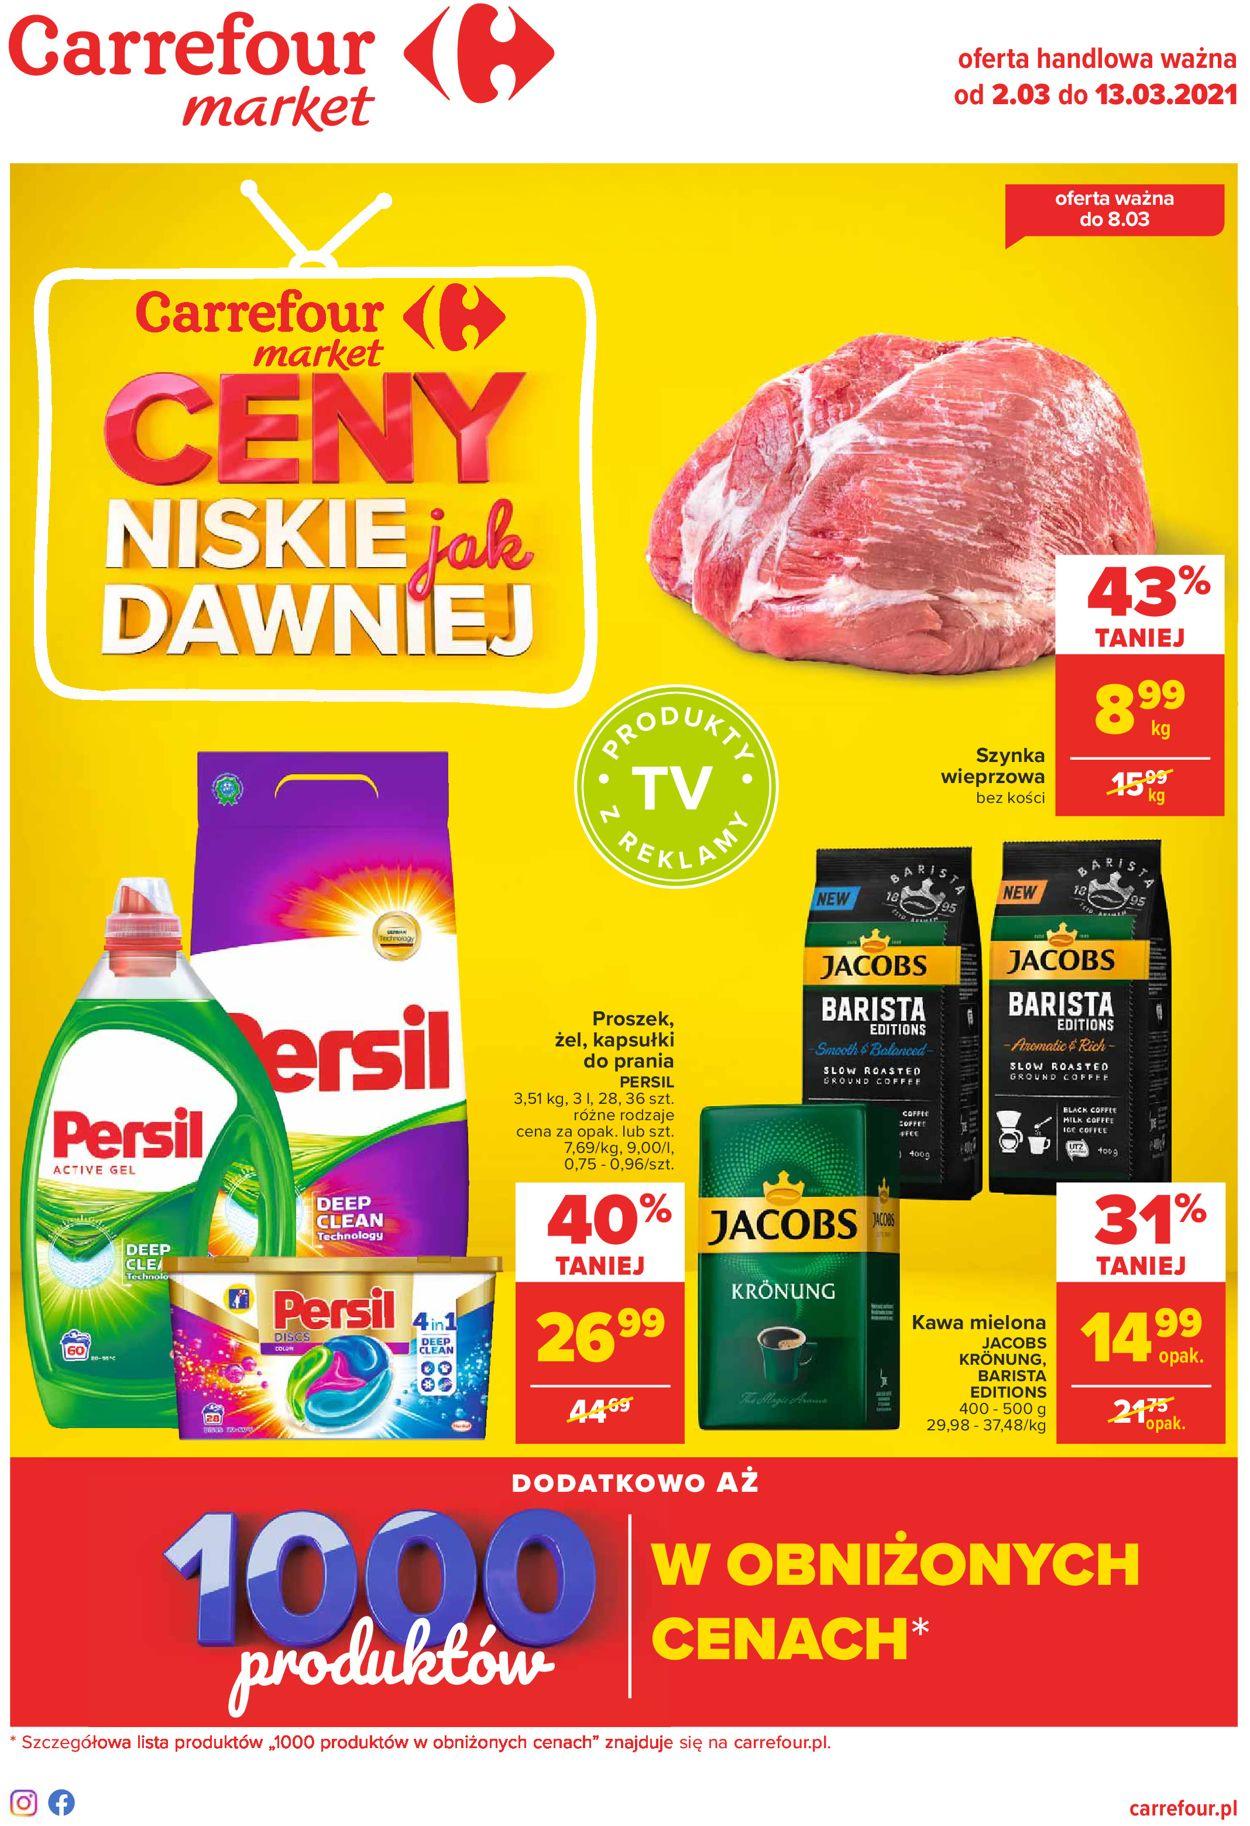 Gazetka promocyjna Carrefour Market - 02.03-13.03.2021